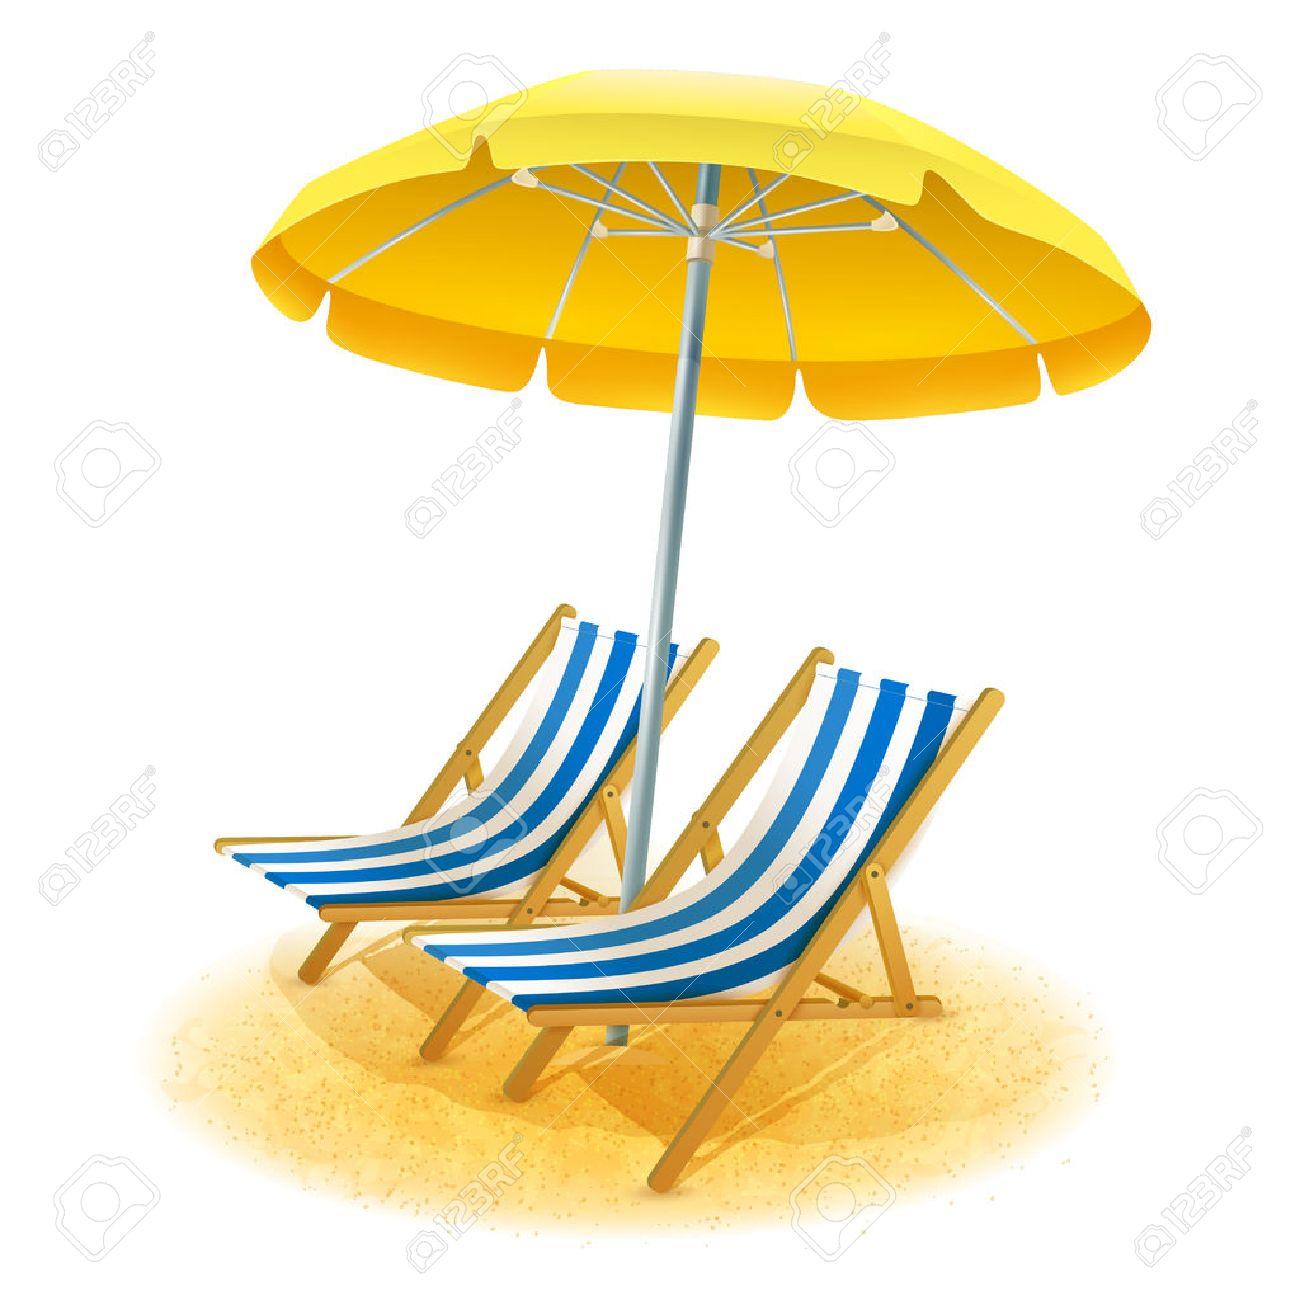 Lugar De Veraneo De Playa Con Sillas Y Paraguas De Dibujos